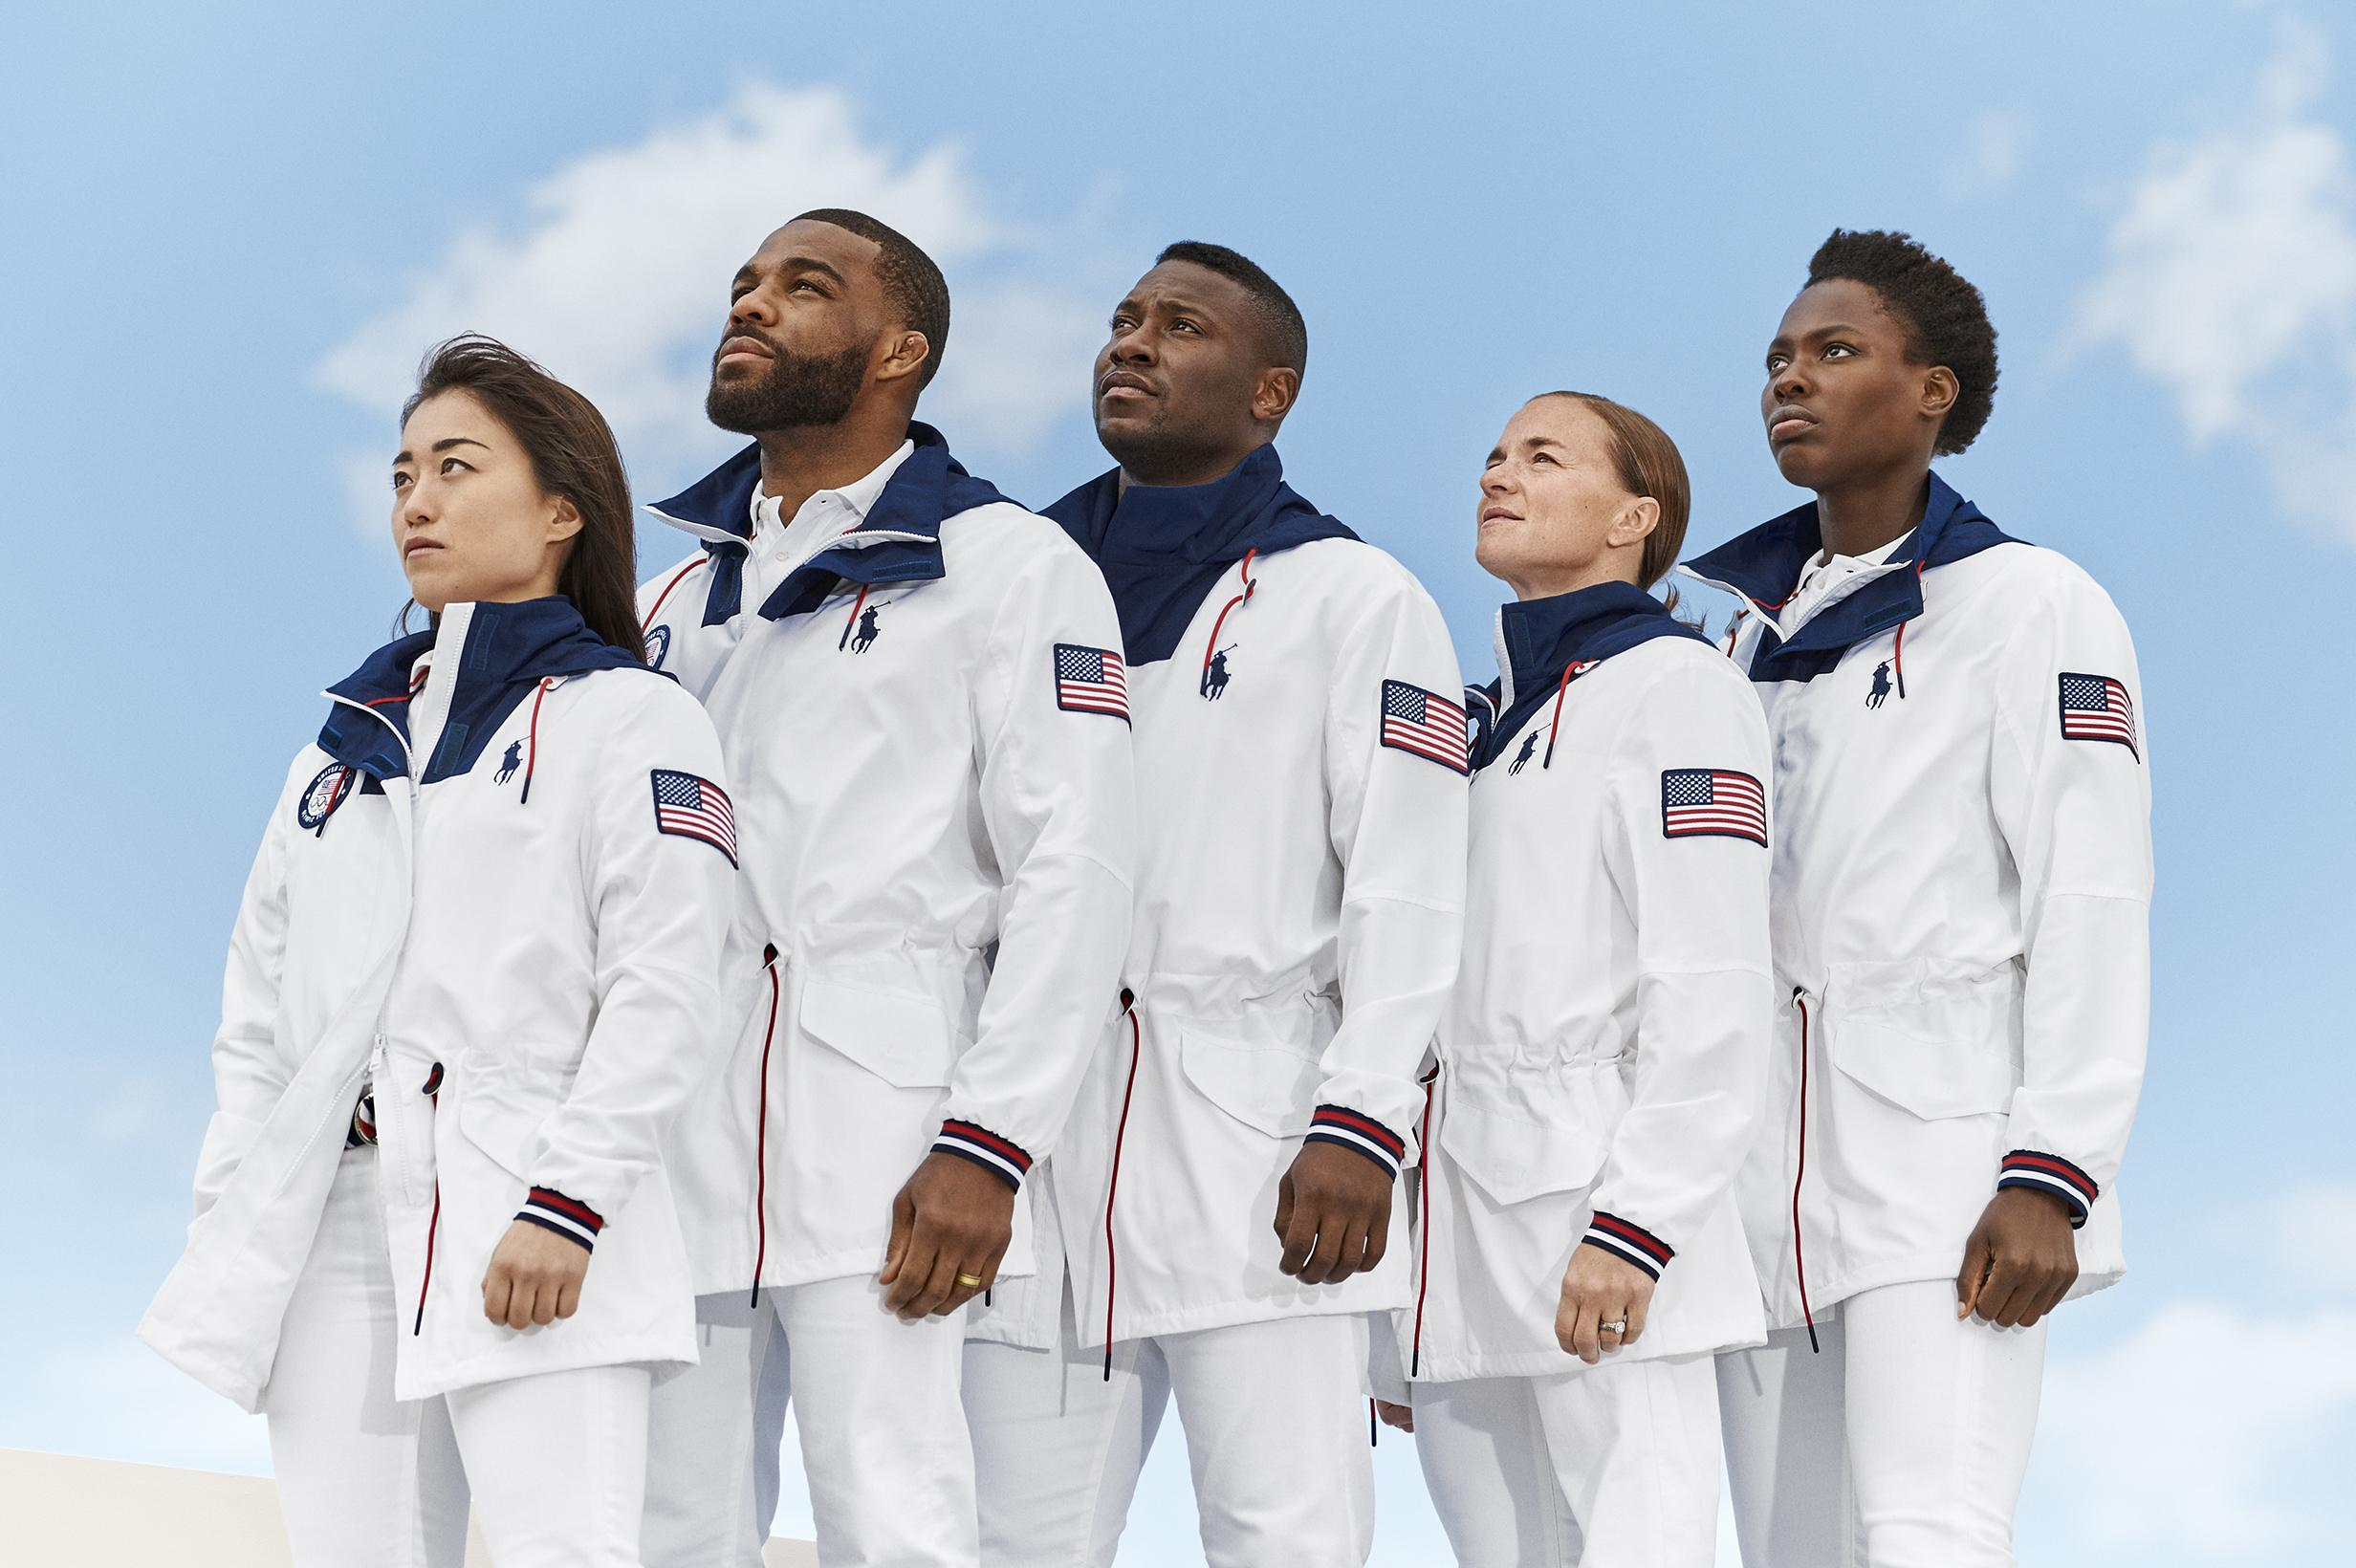 ラルフローレンが東京五輪のアメリカ代表ユニフォームを発表